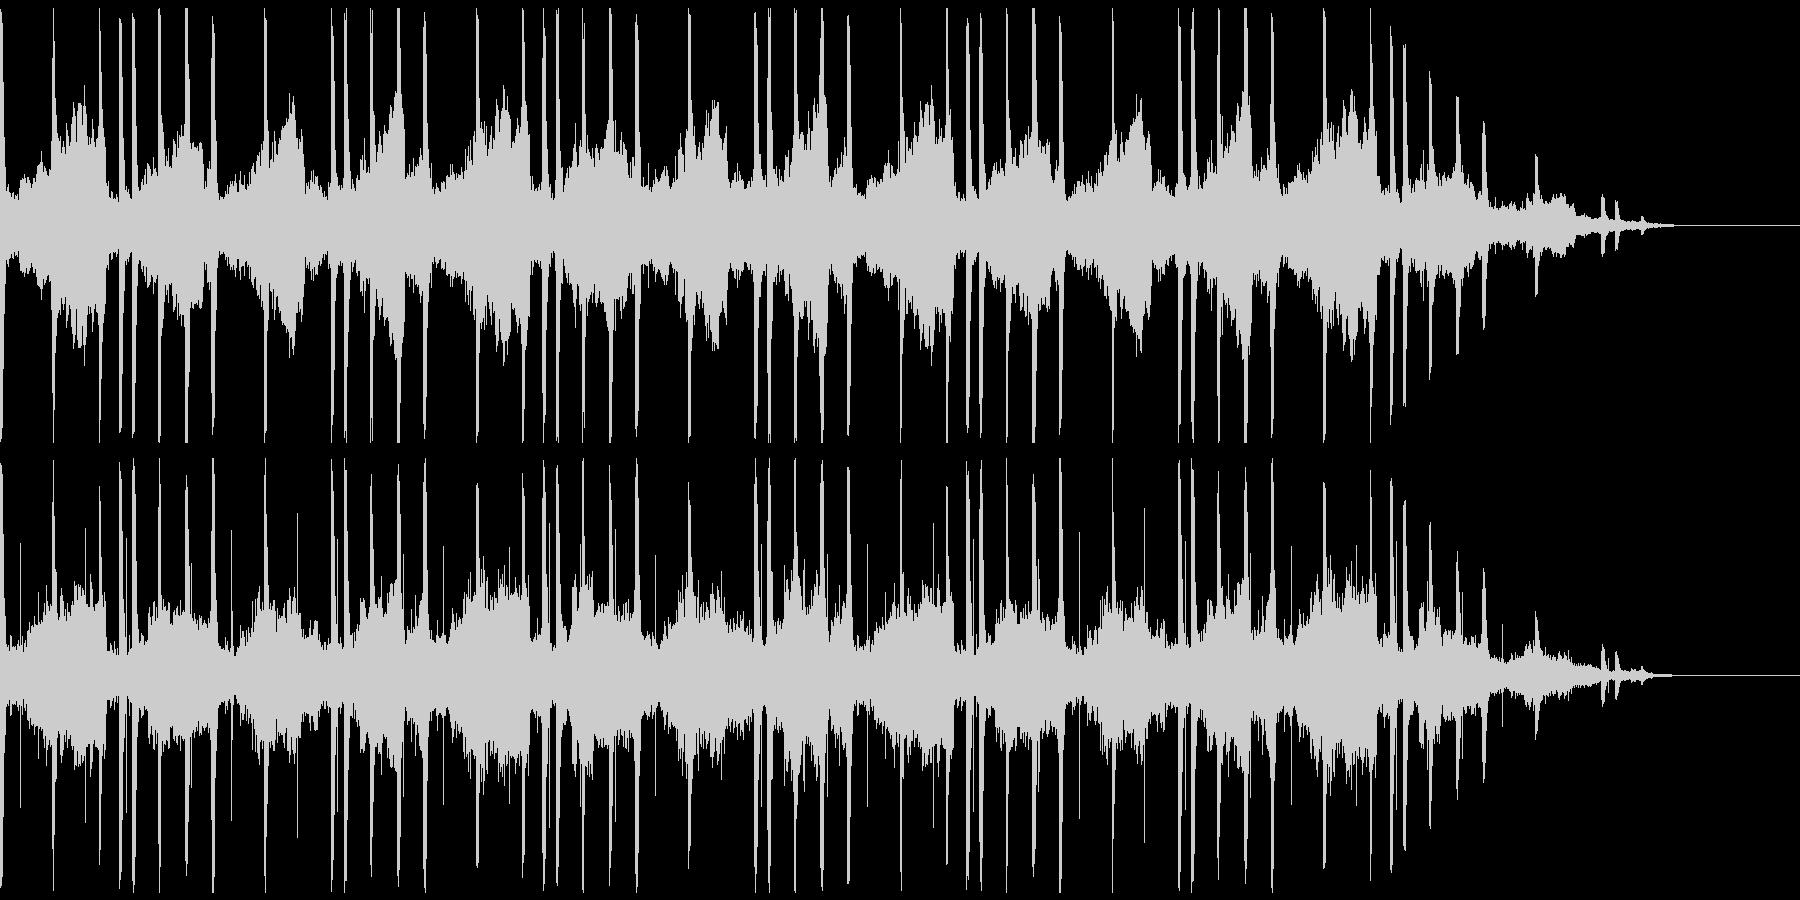 アンニュイな雰囲気なBGMの未再生の波形